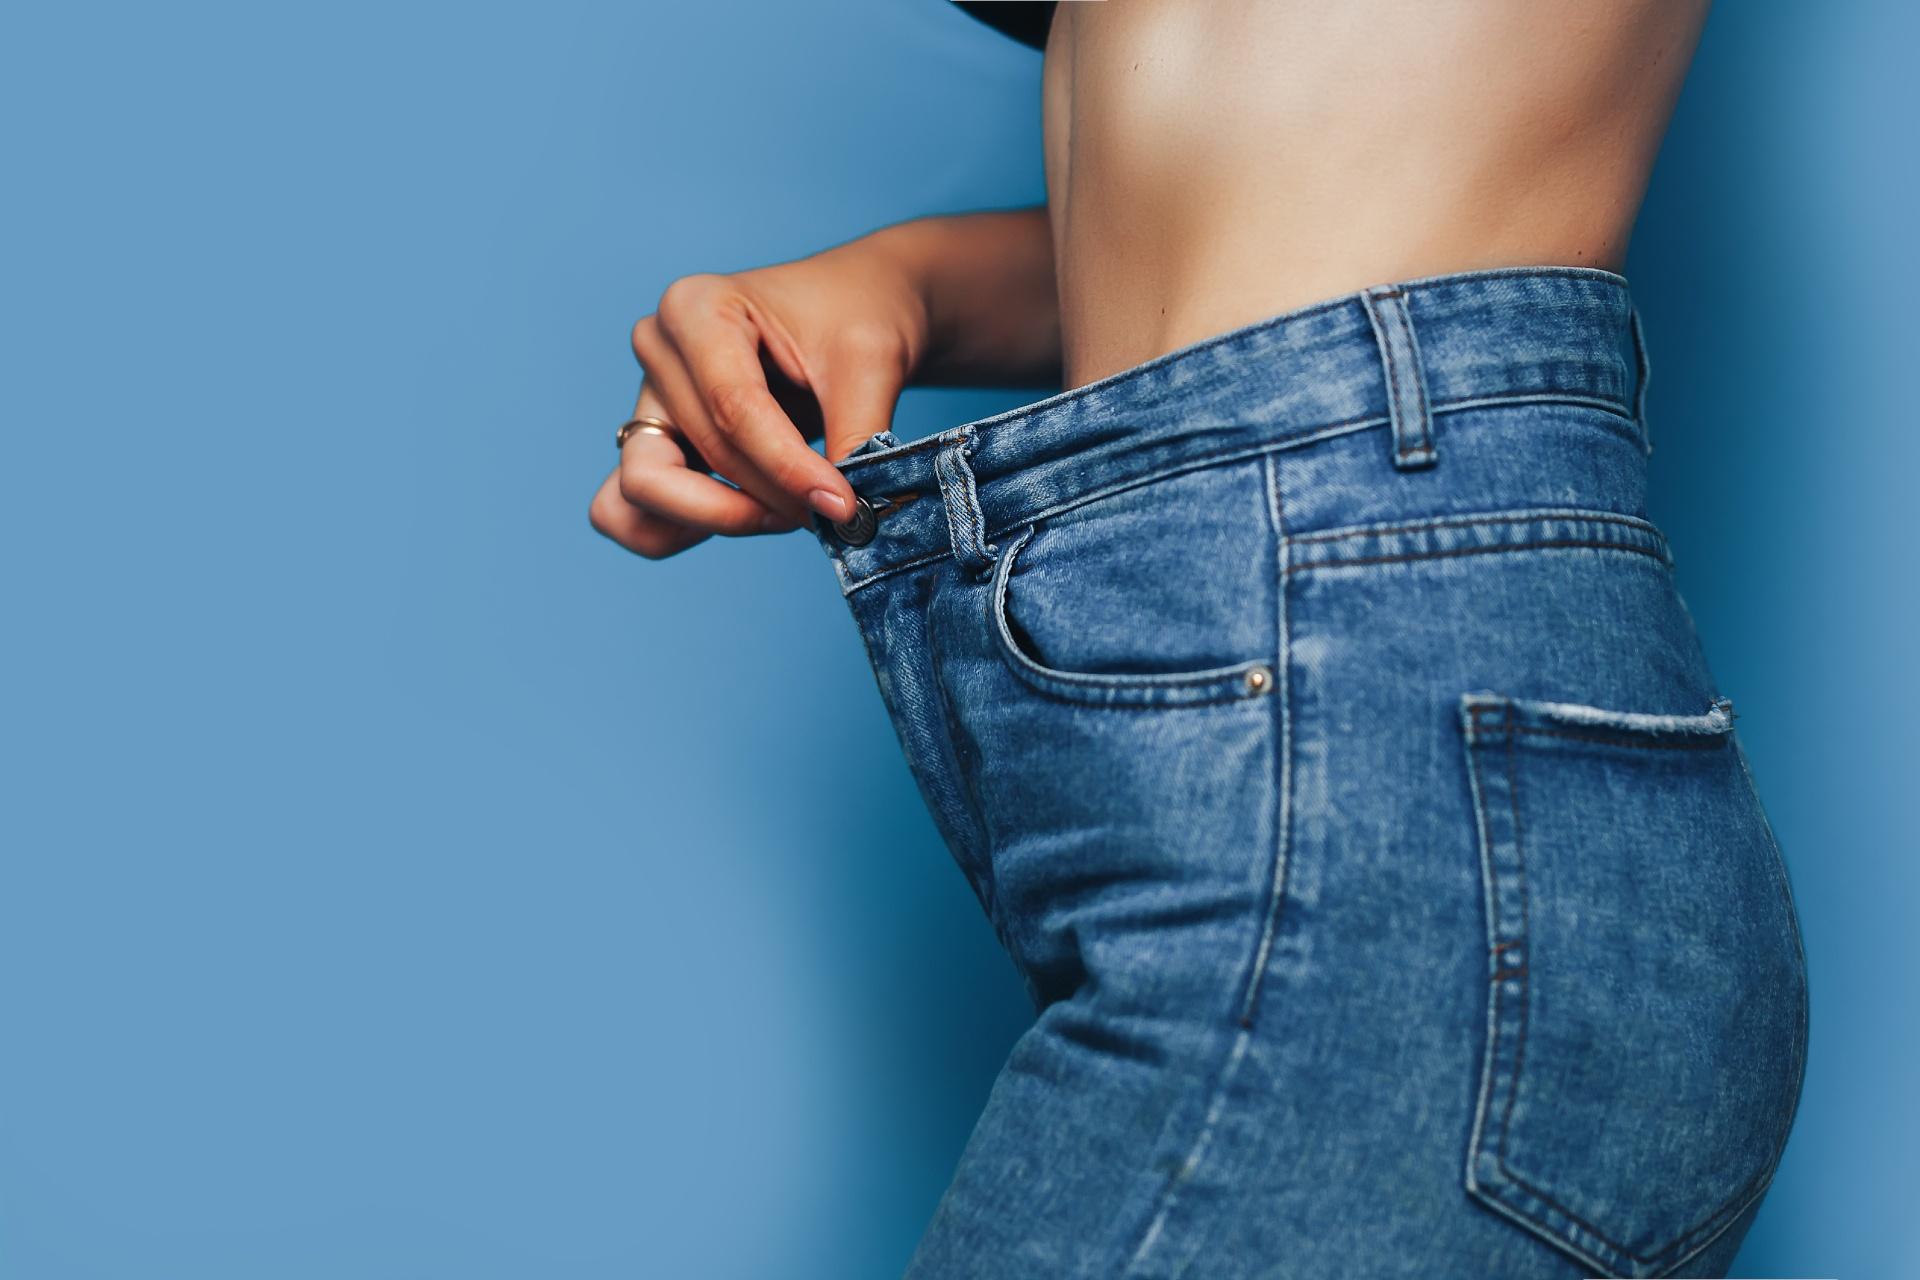 Παχυσαρκία και κορονοϊός, Τρόποι μέτρησης ιδανικού βάρους, Δρ. Δαρδαμάνης Δημήτριος, Δρ. Δαρδαμάνης Δημήτριος